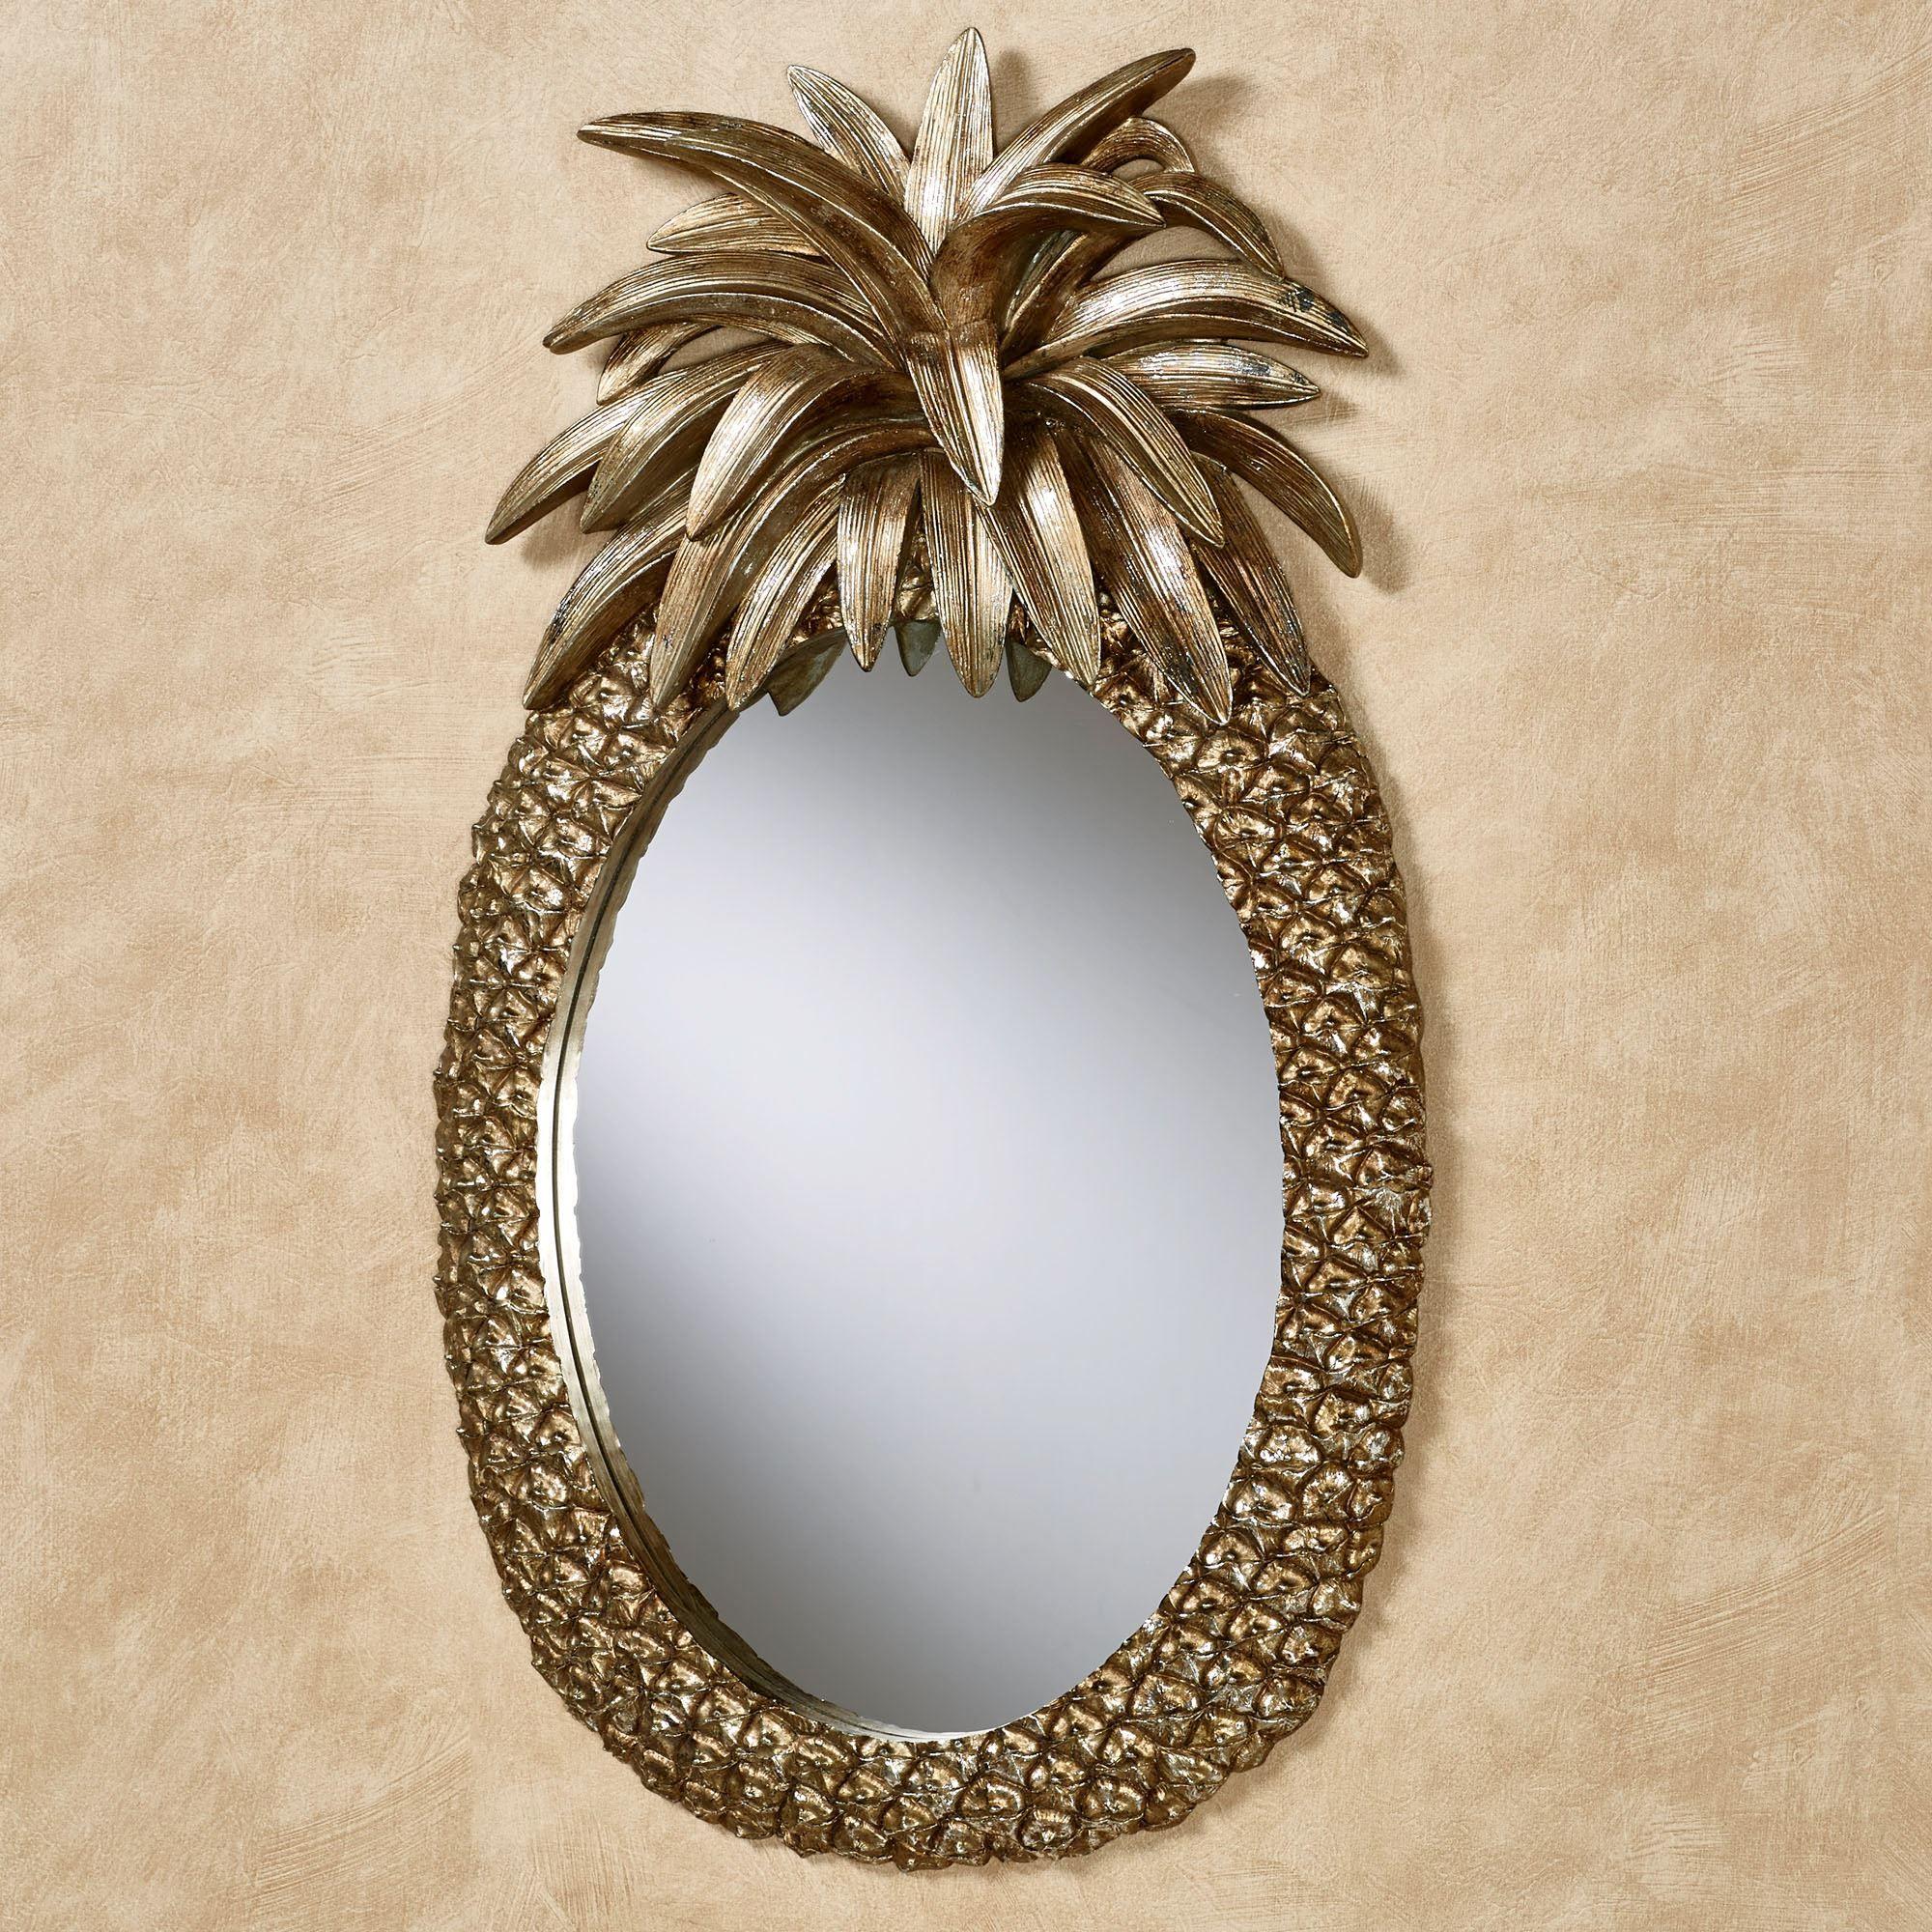 Pineapple Grandeur Tropical Wall Mirror